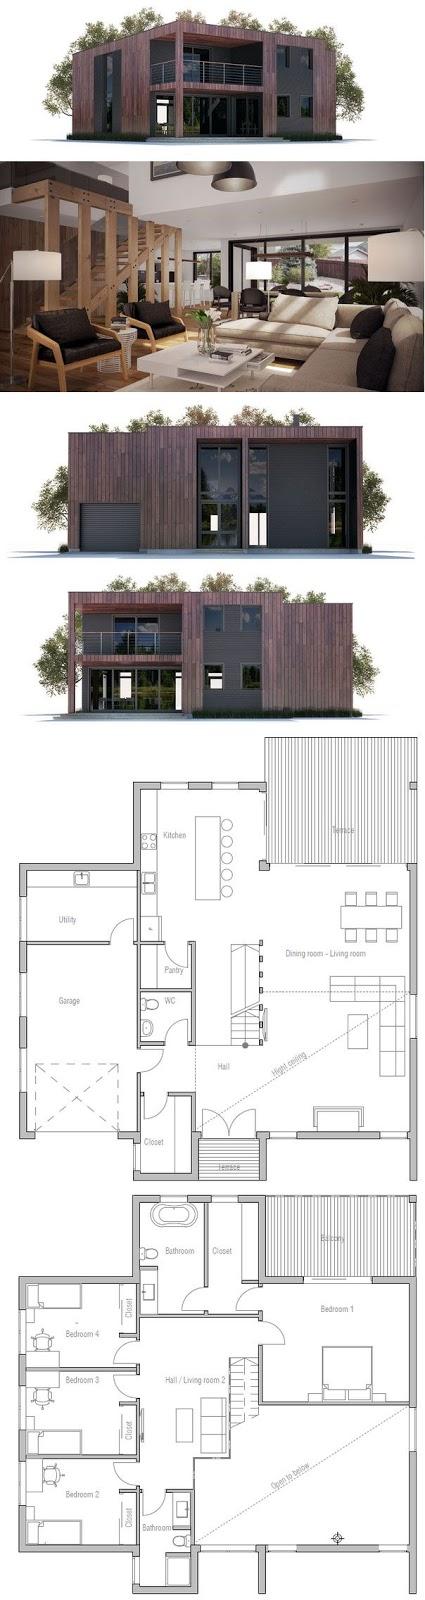 Planos gratis de casas modernas en bogota licencias de for Casa moderna bogota